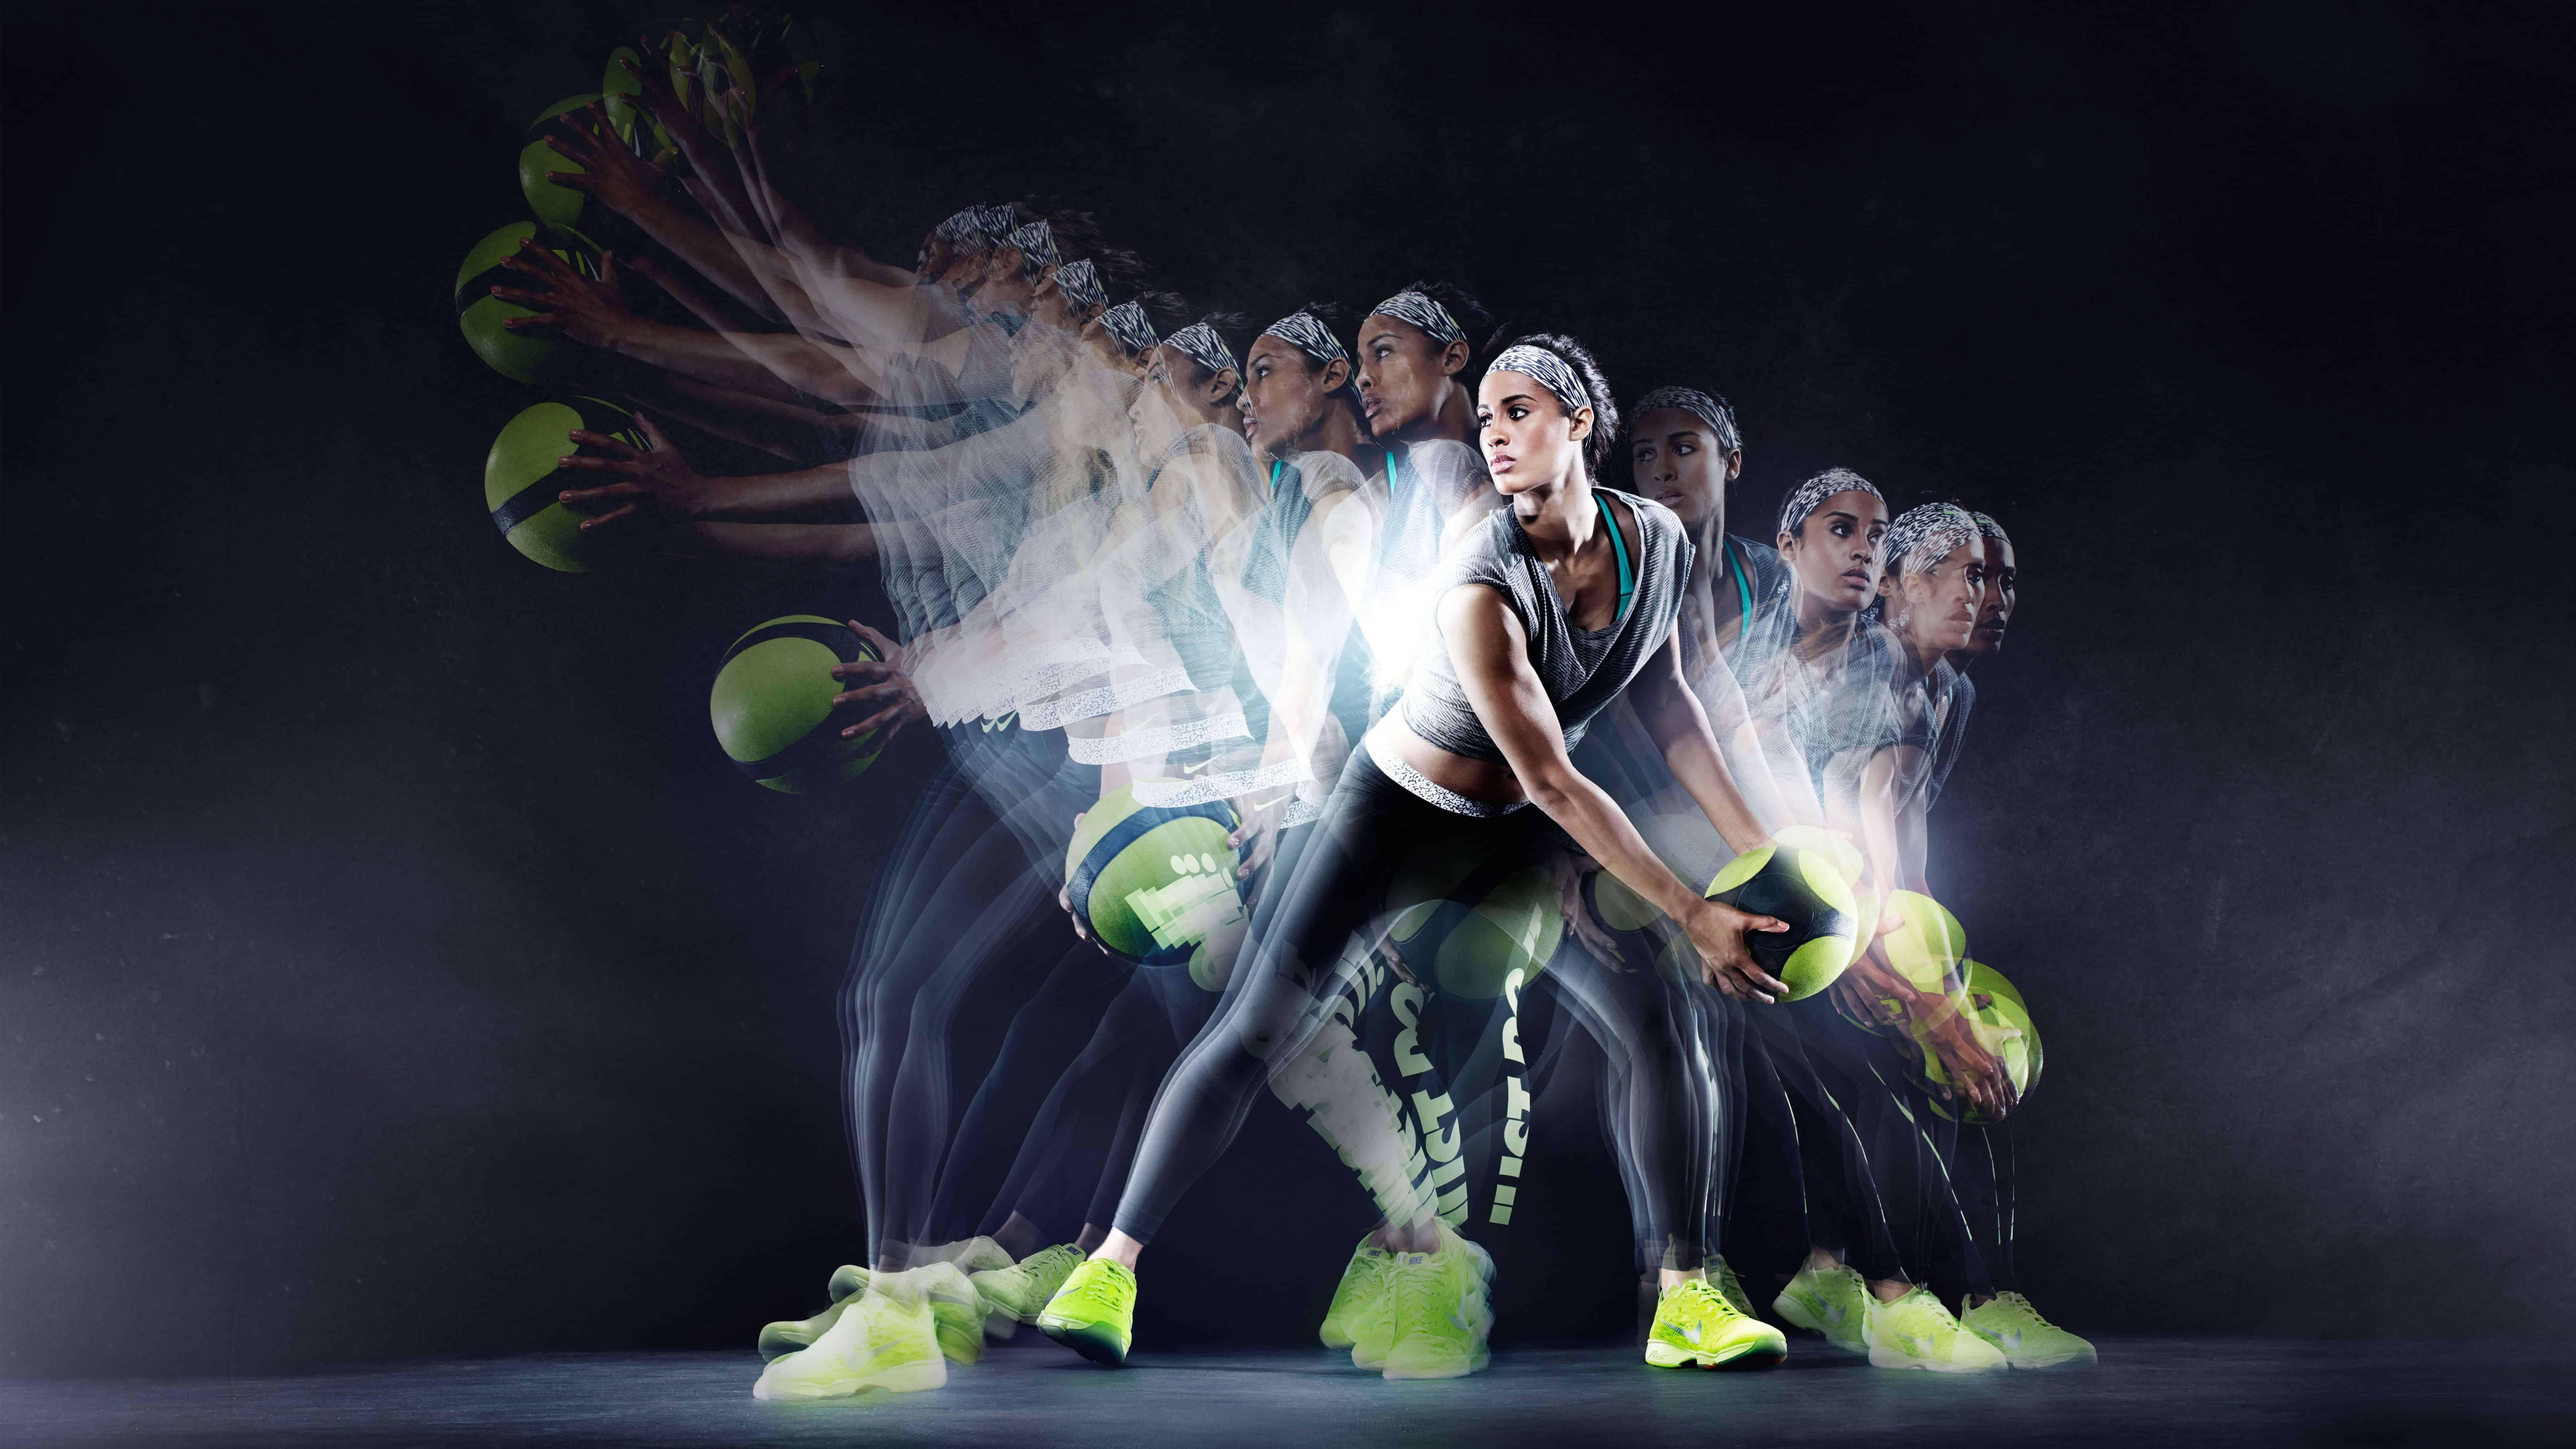 nike zoom fit agility fitness footwear uhd 8k wallpaper